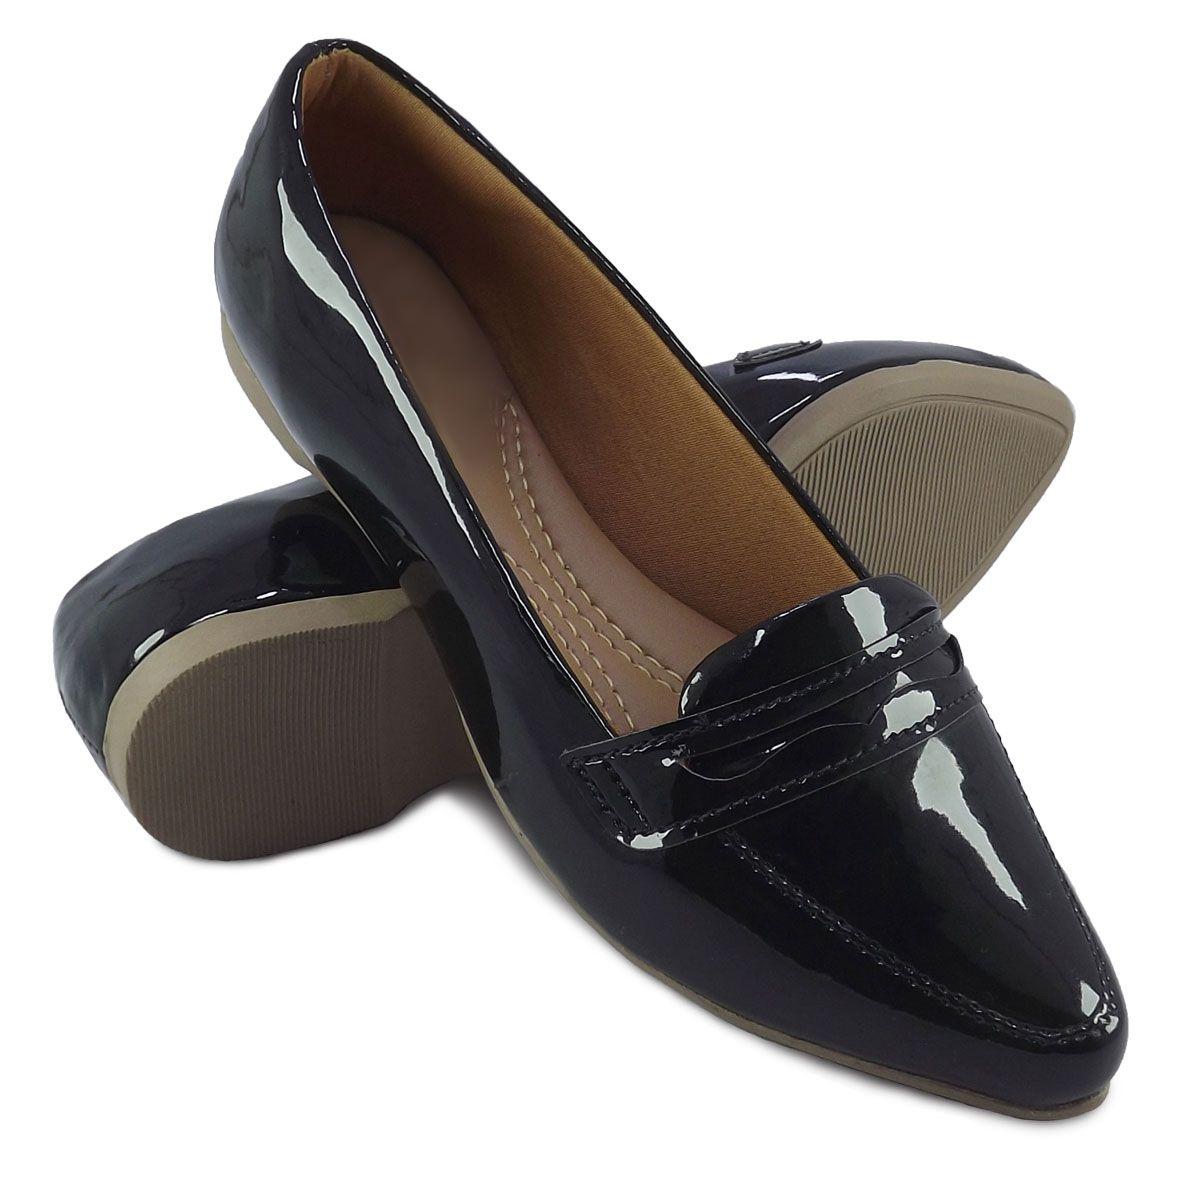 8e059b35ca Itra - Distribuidora de Calçados. Sapato Mocassim Feminino